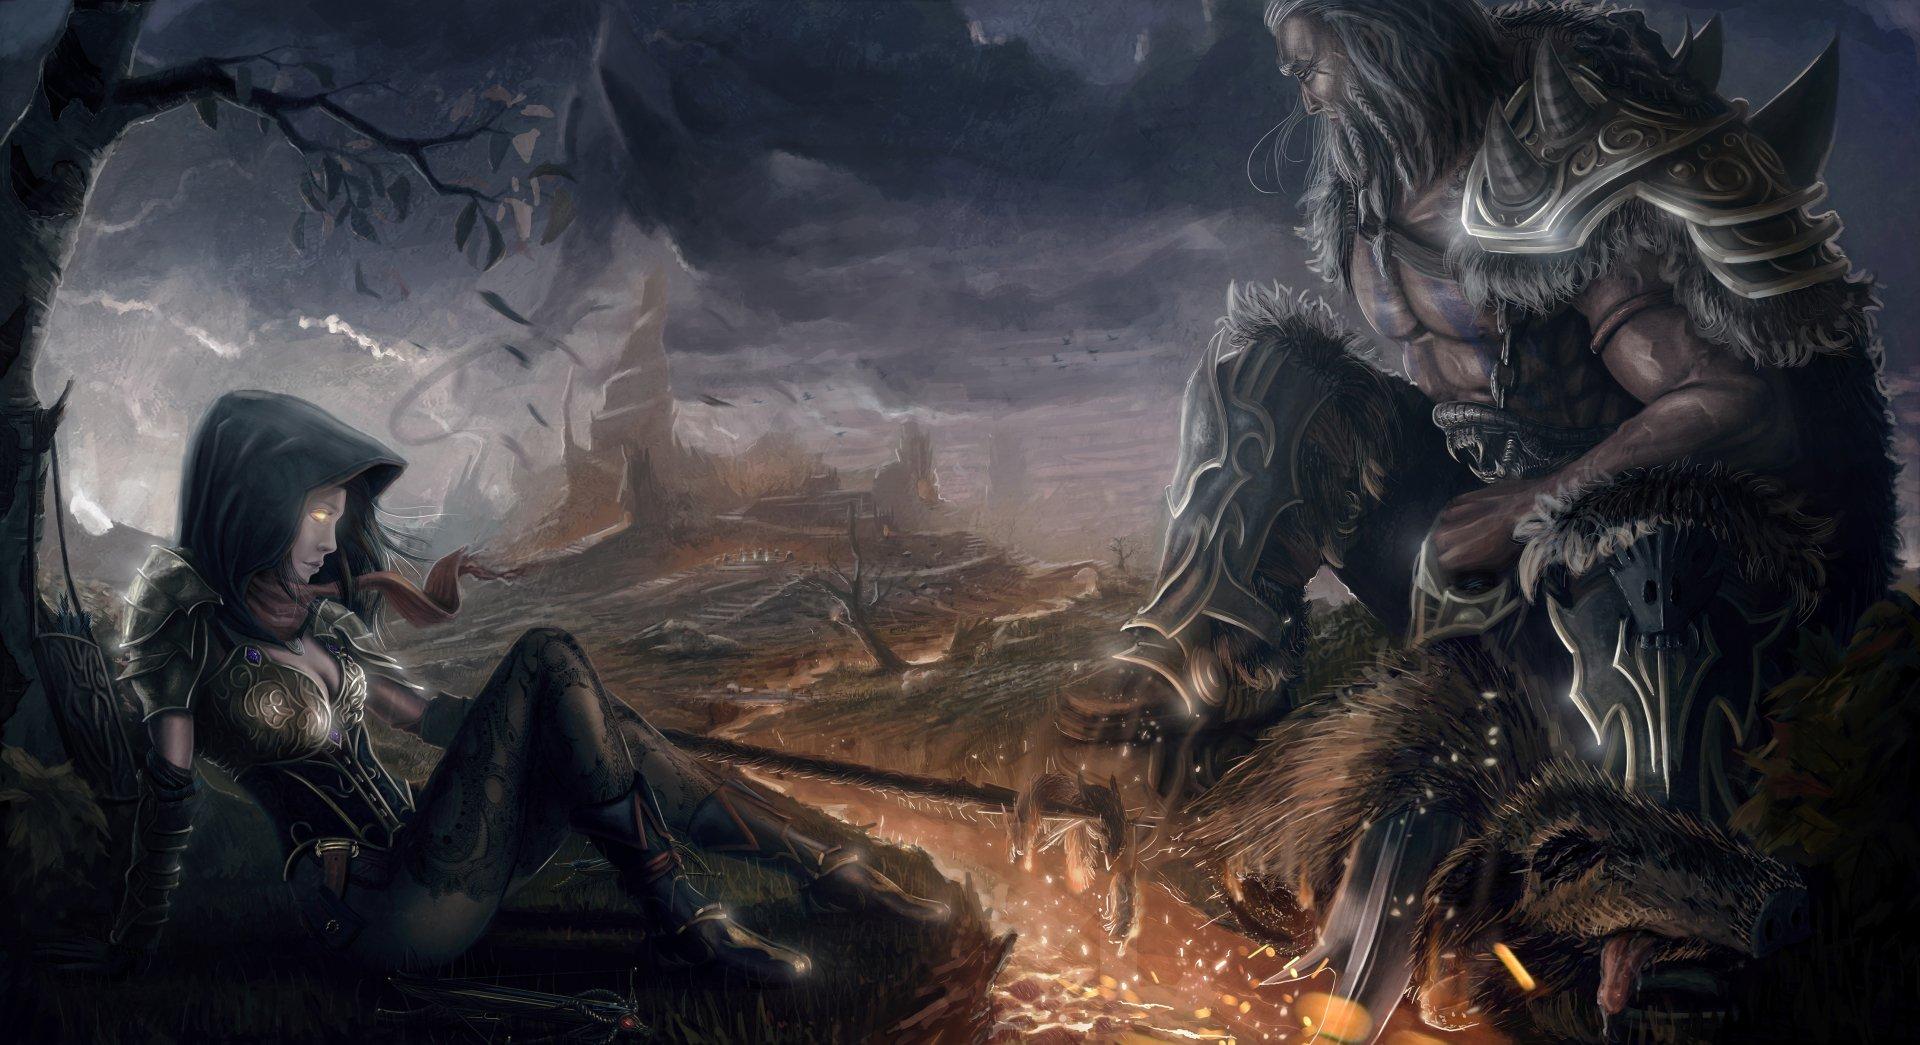 Diablo iii reaper of souls 4k ultra hd wallpaper - Demon wallpaper 4k ...